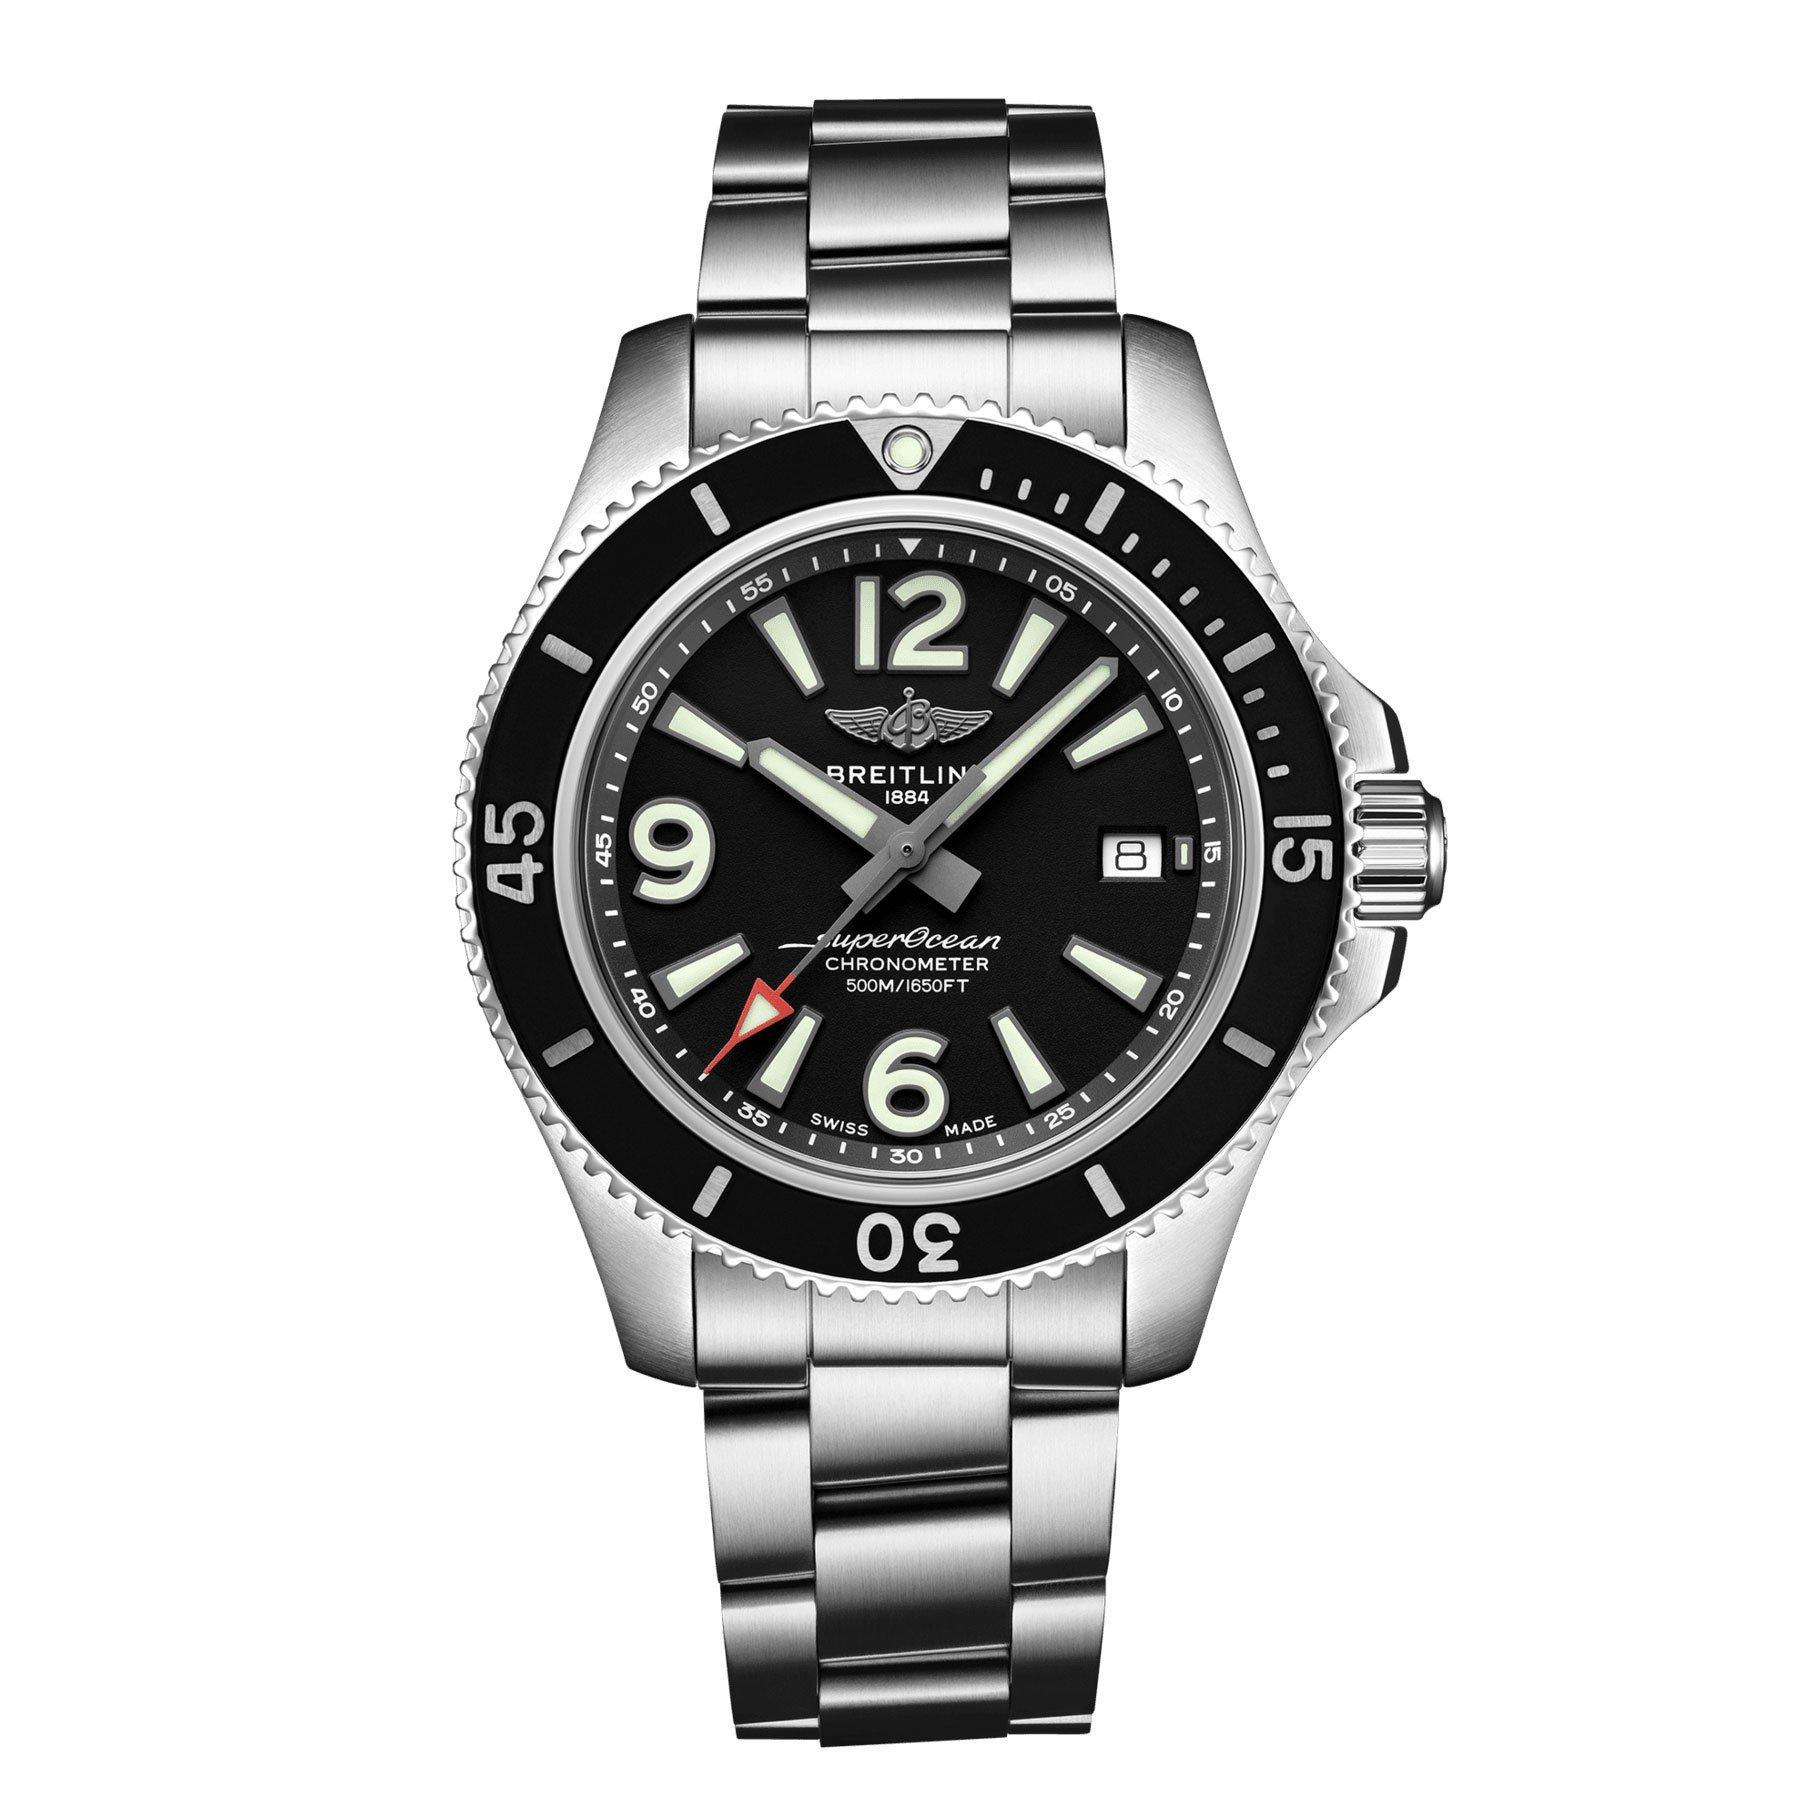 Breitling Superocean II Automatic 42 Men's Watch